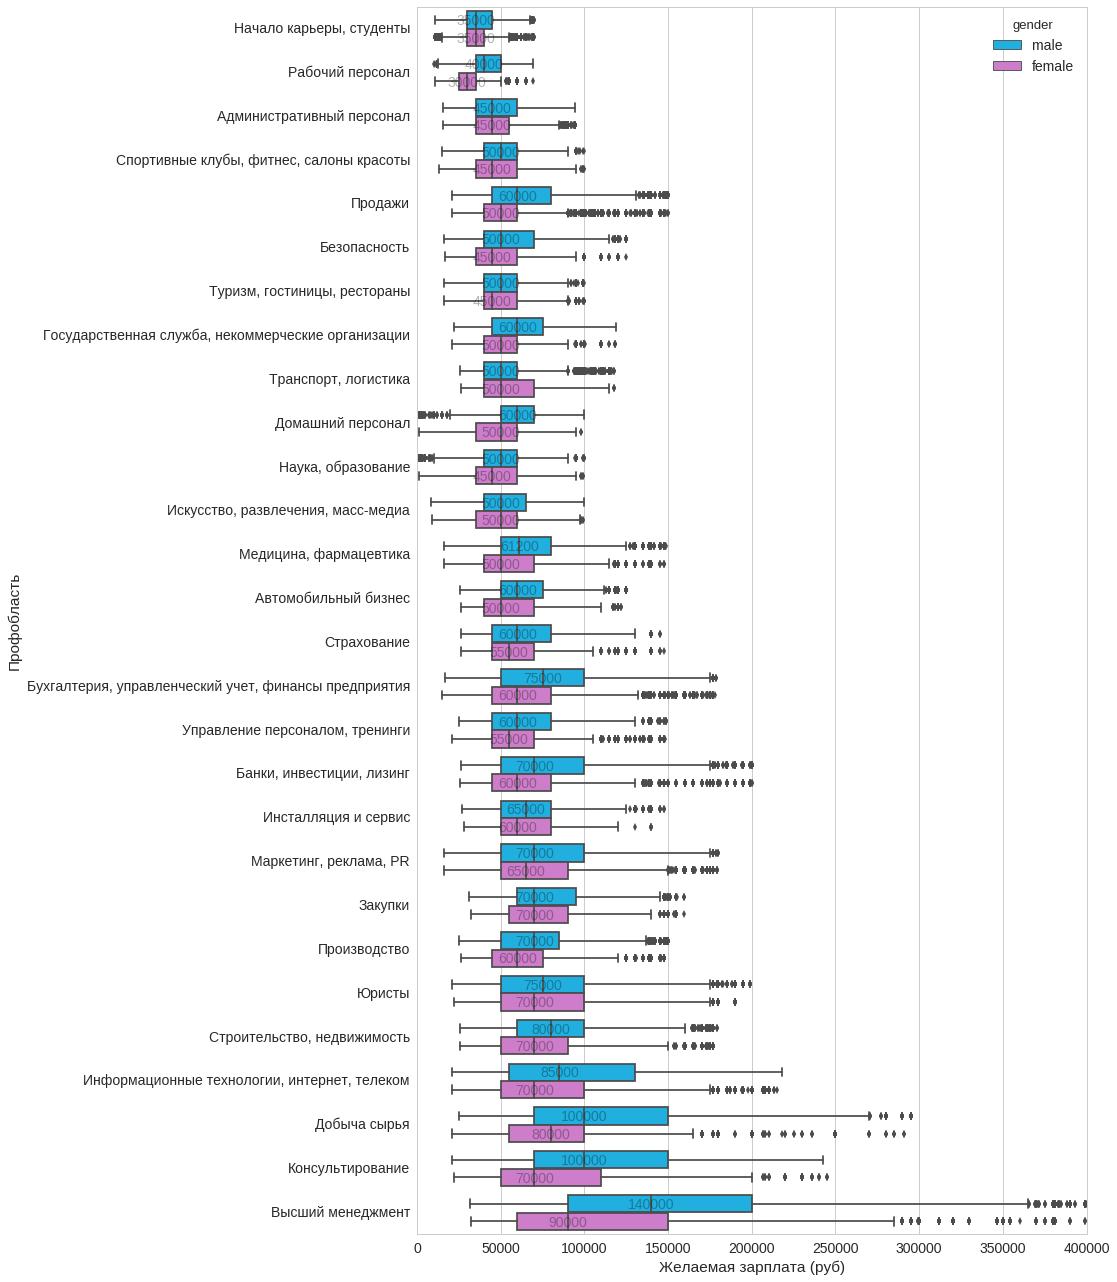 Анализ резюме HH.RU: много графиков и немного сексизма и дискриминации - 8